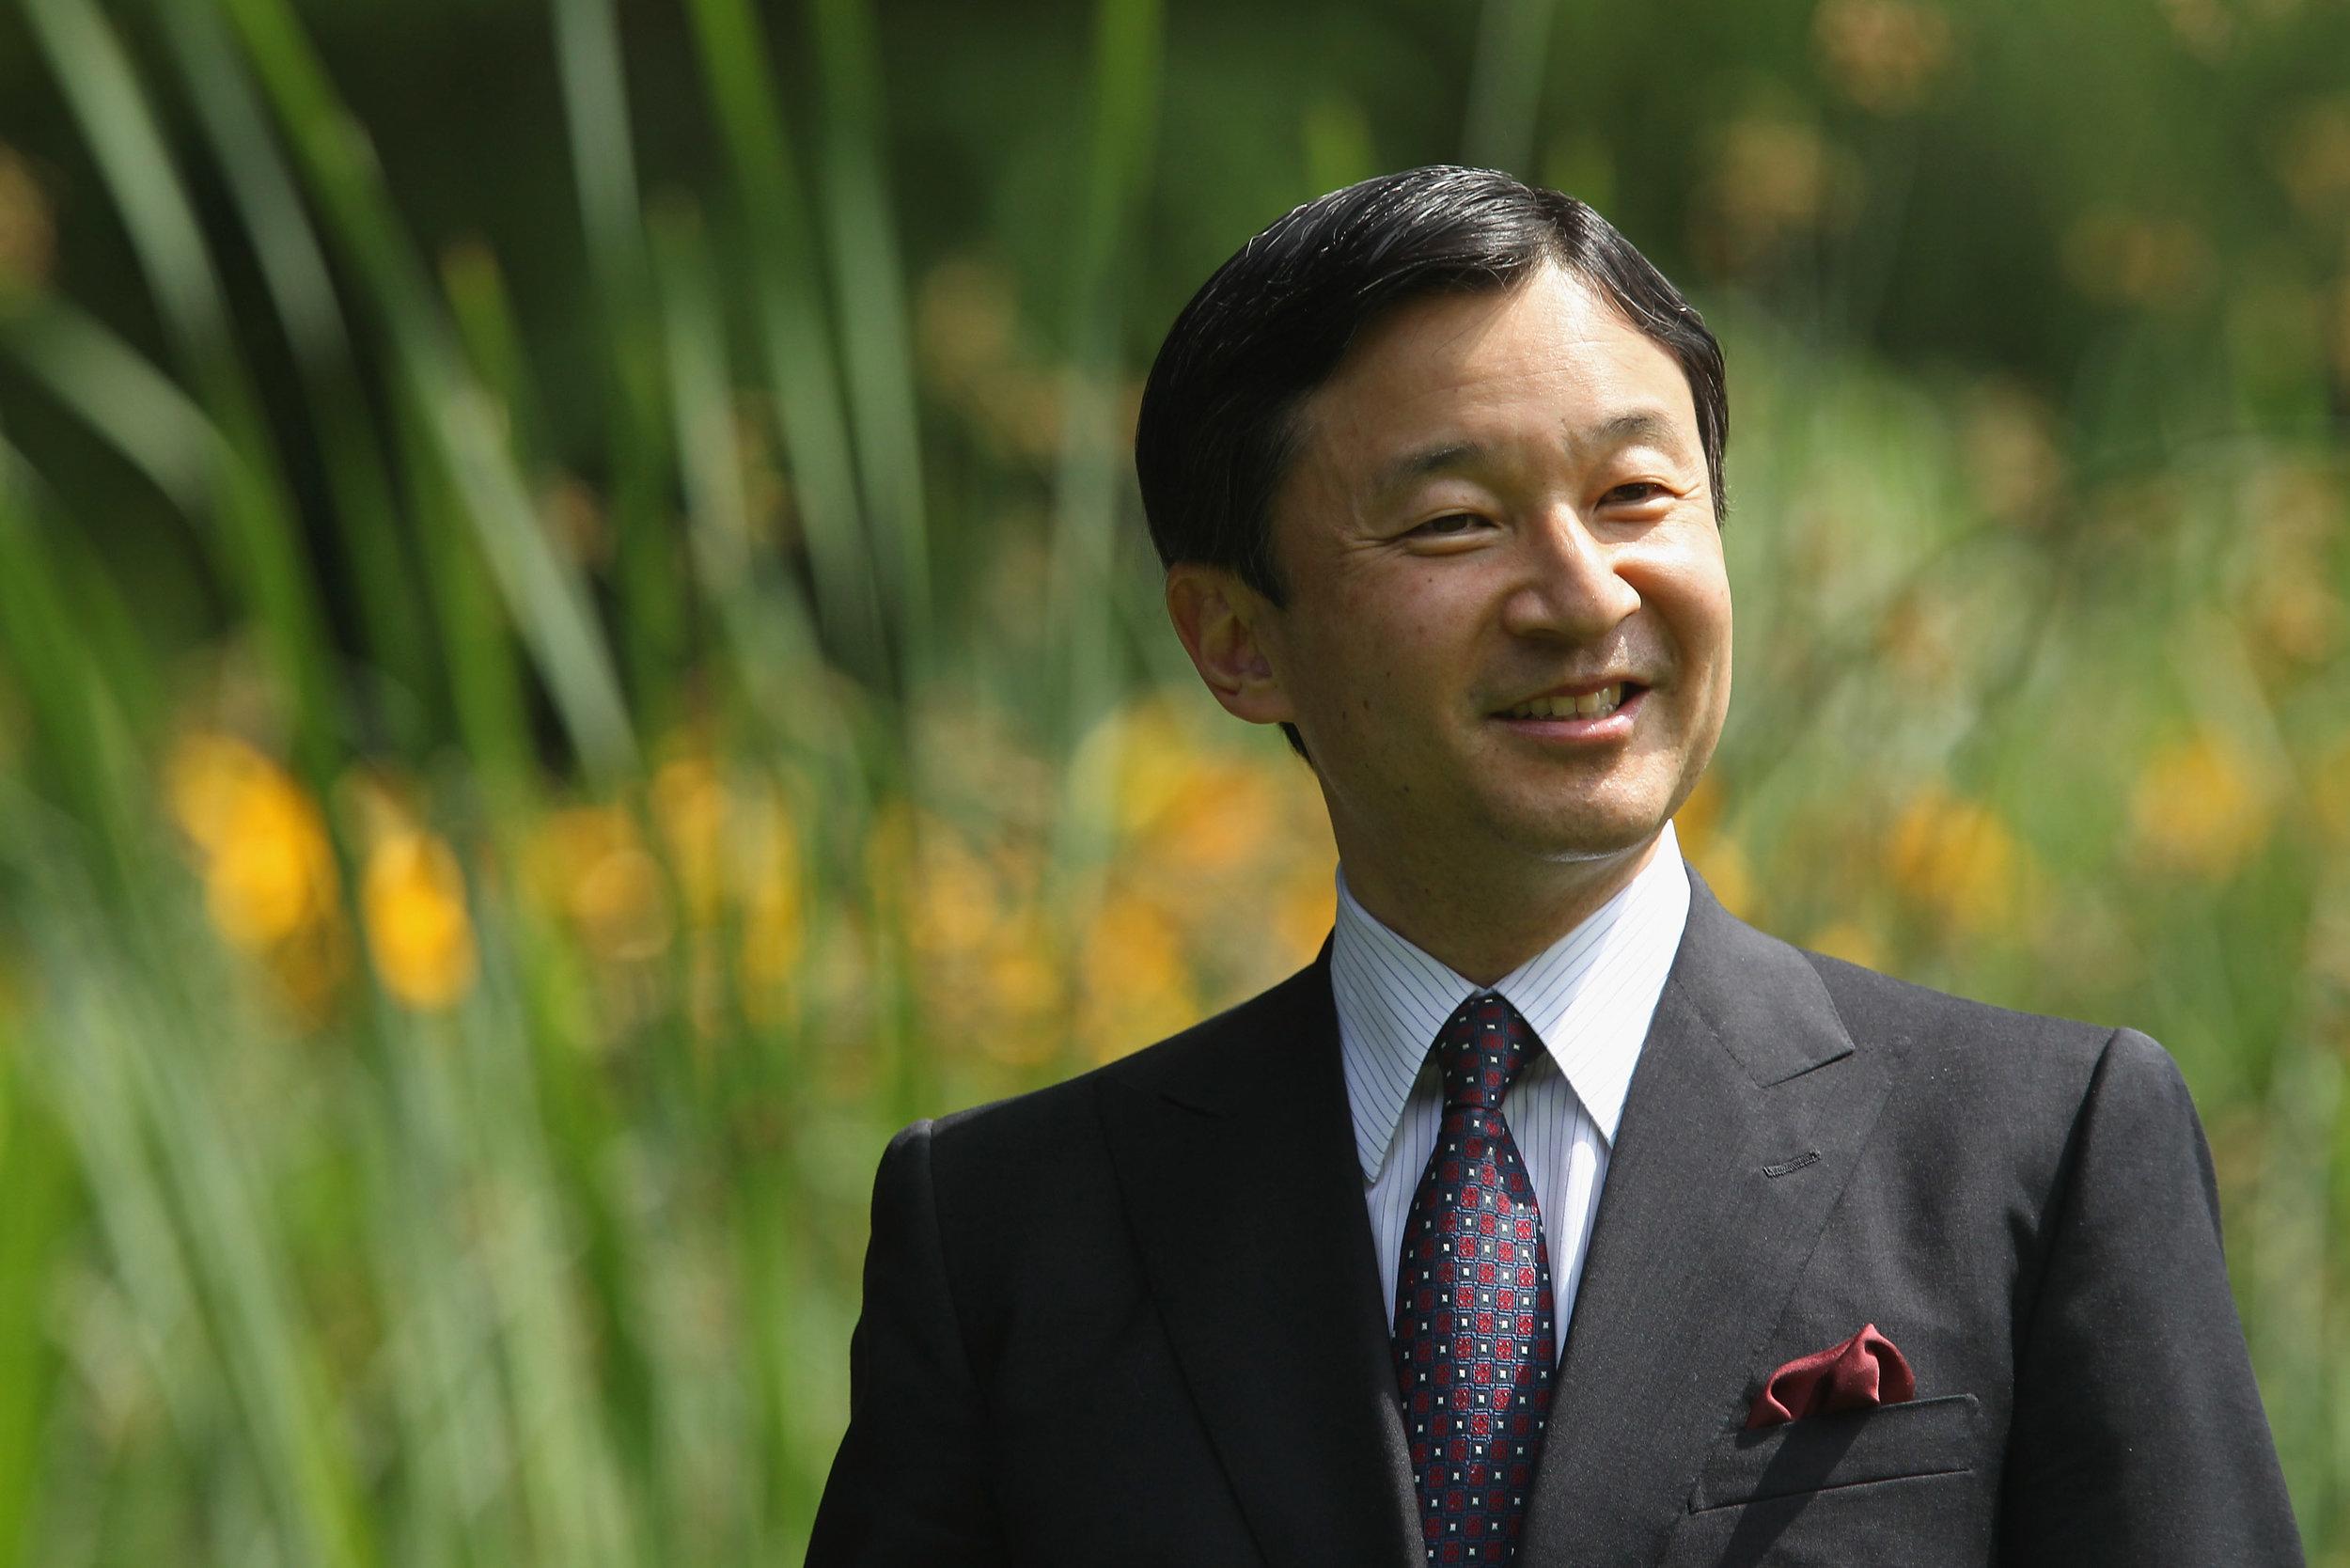 Kronprinz Naruhito wird 2019 der Kaiser. Viele Japaner hoffen darauf, dass er die Monarchie endlich modernisiert.    Foto: Getty Images